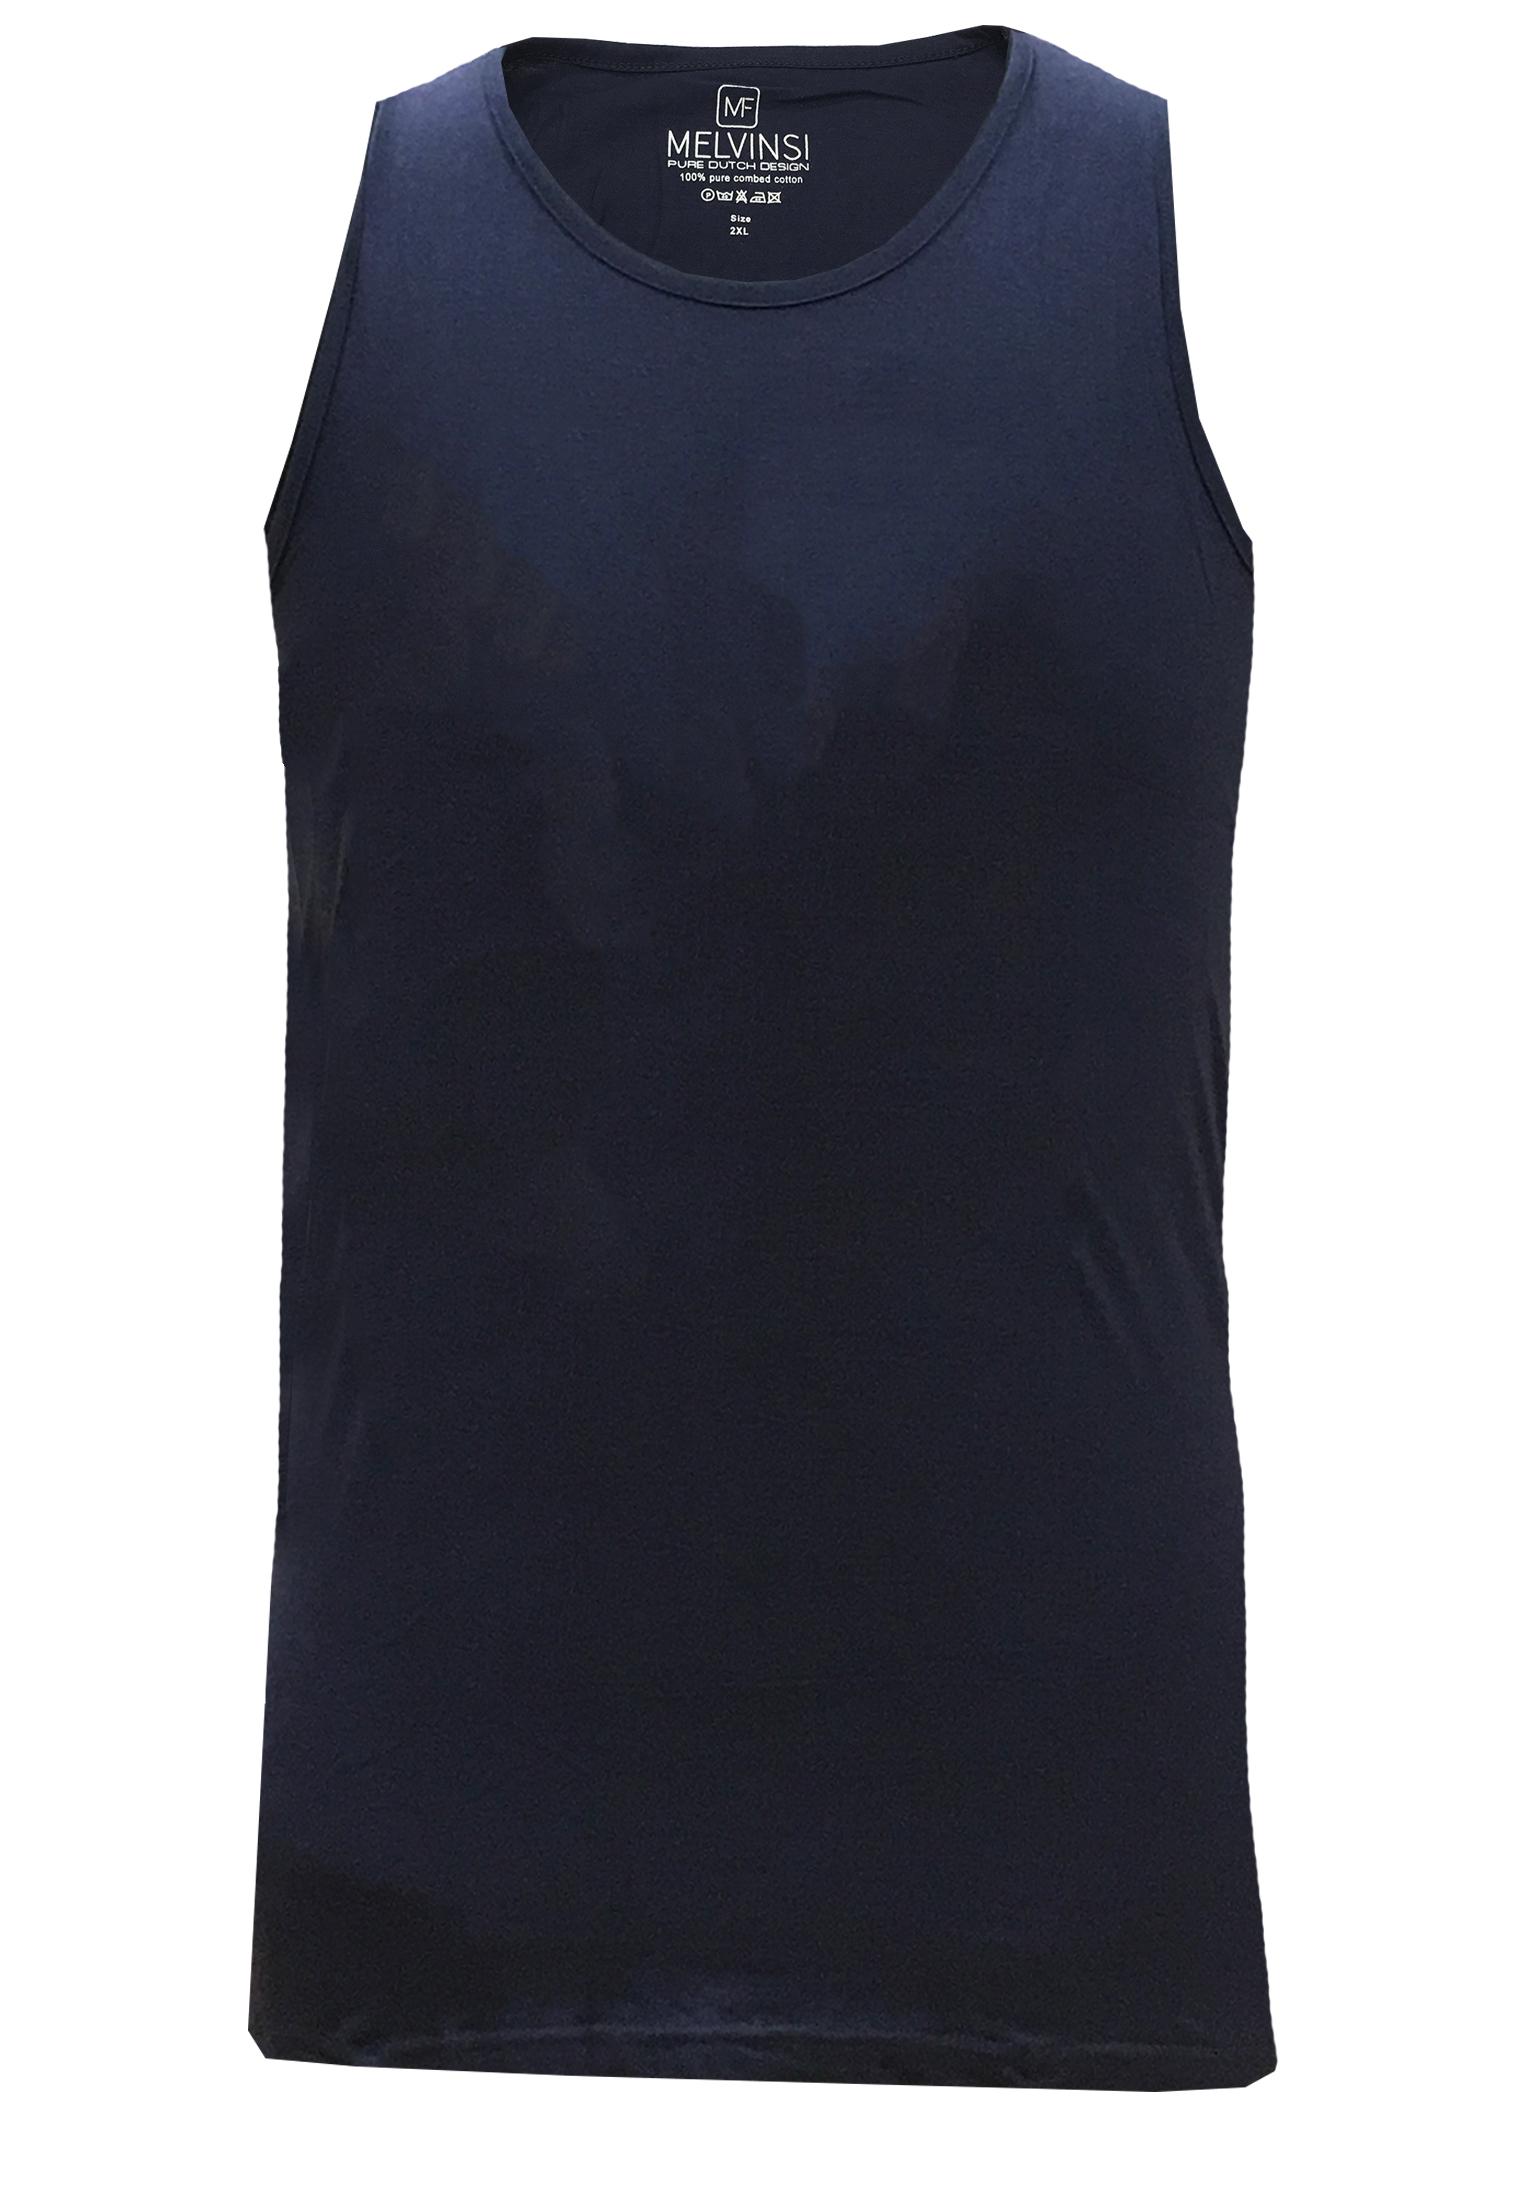 Basic effen tanktop van Melvinsi uitgevoerd in het donkerblauw met ronde hals. Zeer multifunctionele tanktop om te dragen, bijvoorbeeld onder overhemden, T-shirts en truien maar ook ideaal te dragen met de warme dagen, als loungewear of als pyjama shirt.